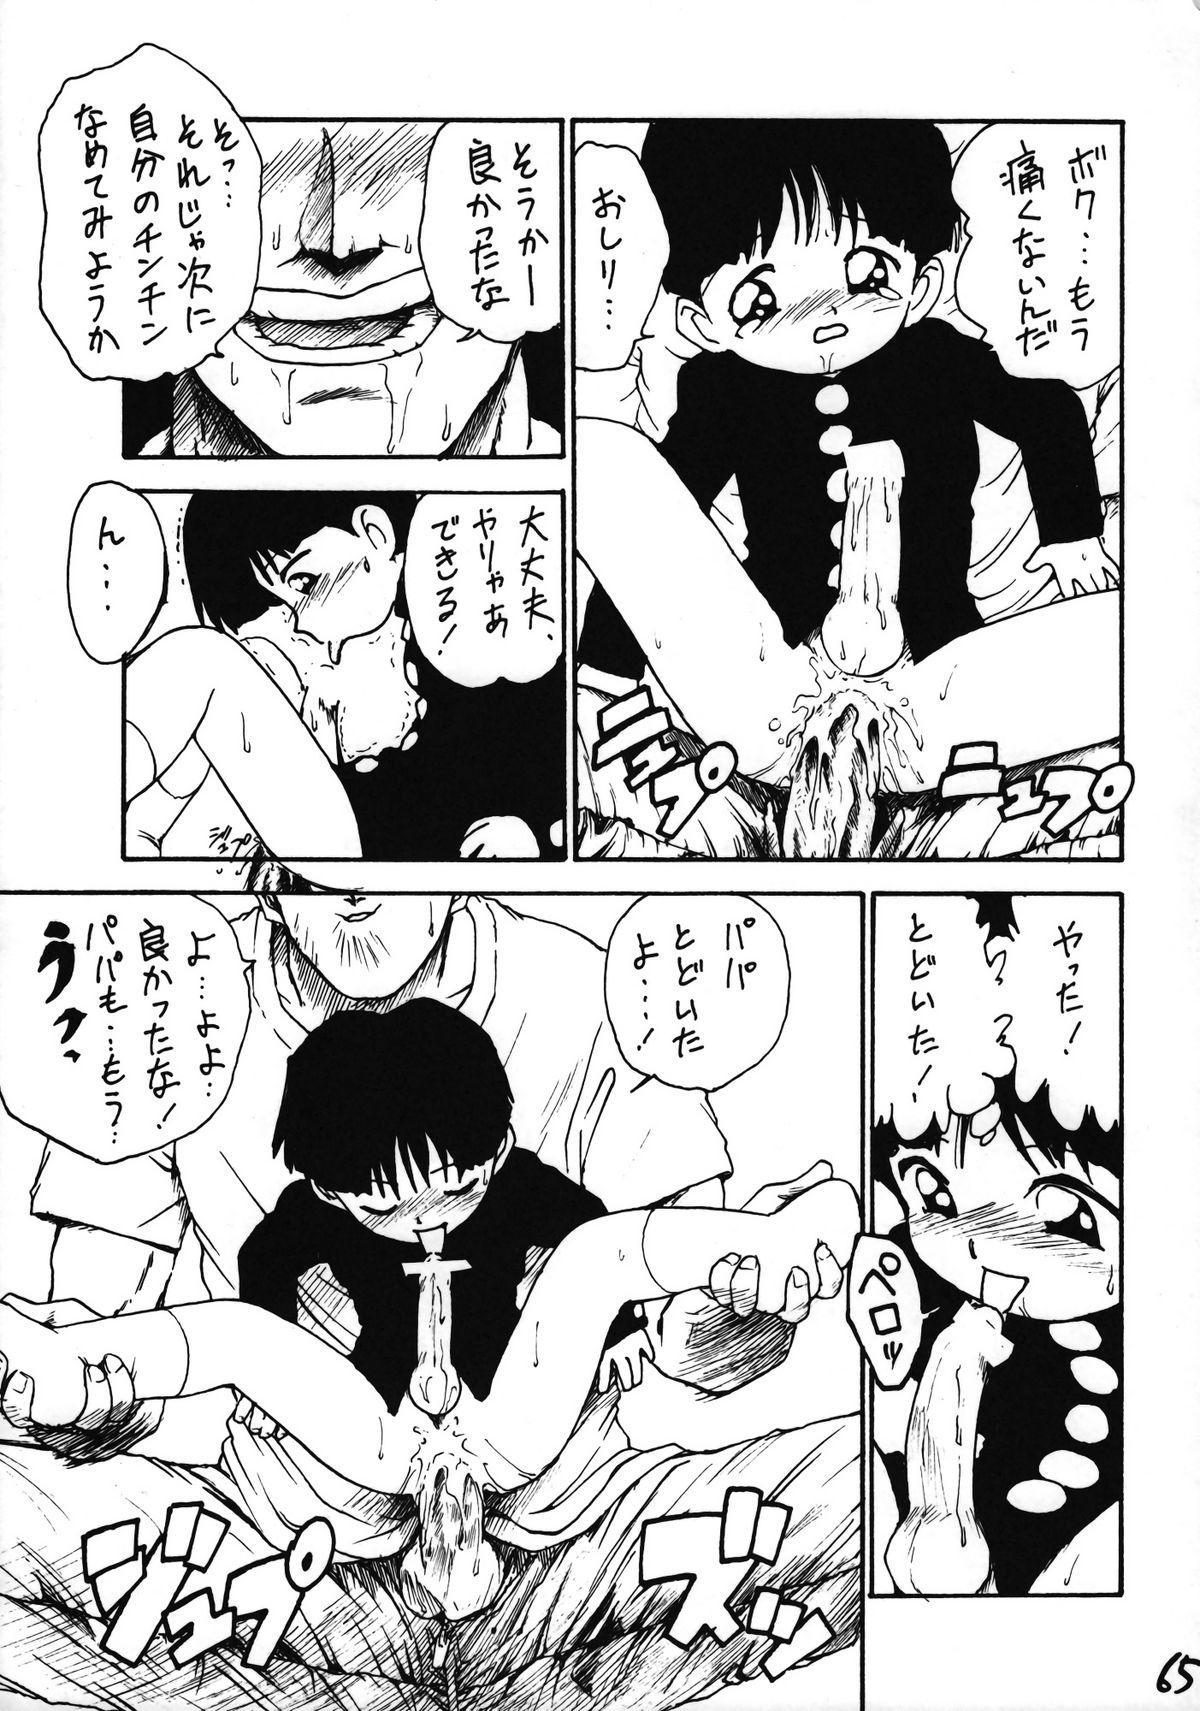 Ikenai! Otokonoko Hon Boy's H Book 2 65